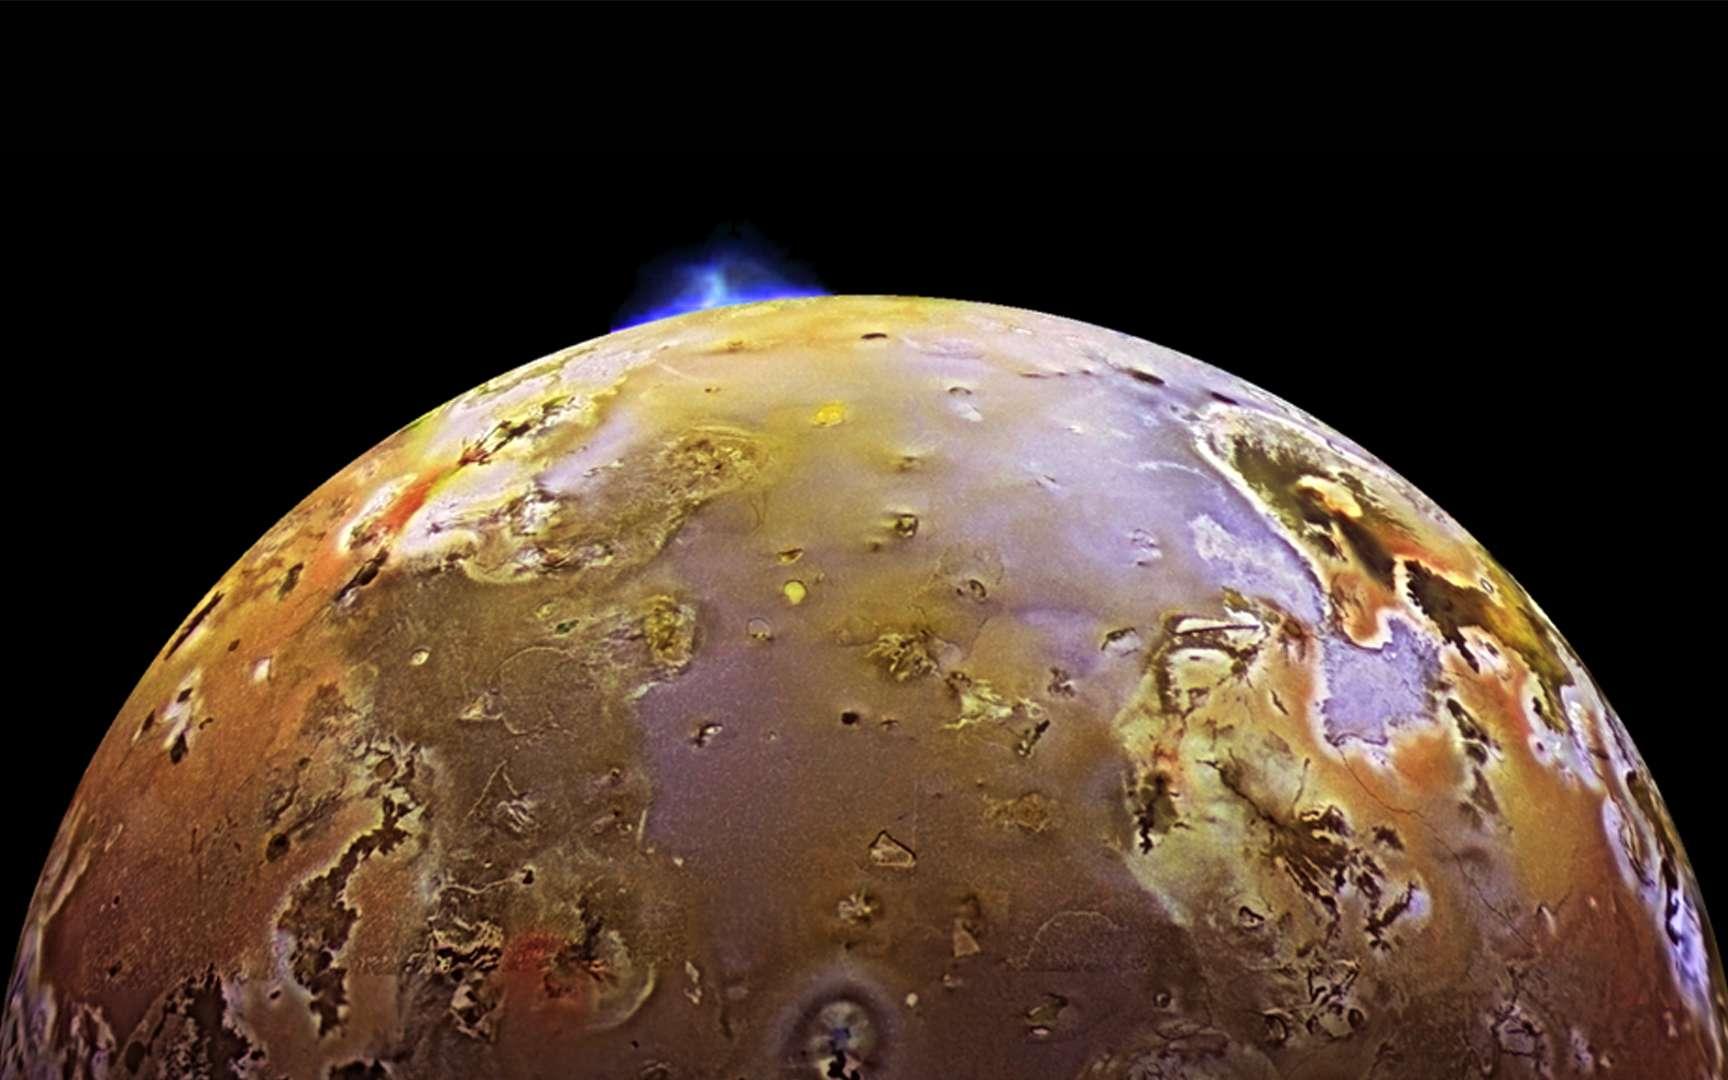 Magnifique panache au-dessus de Io photographié par la sonde Galileo en 1997. © Nasa, JPL, DLR